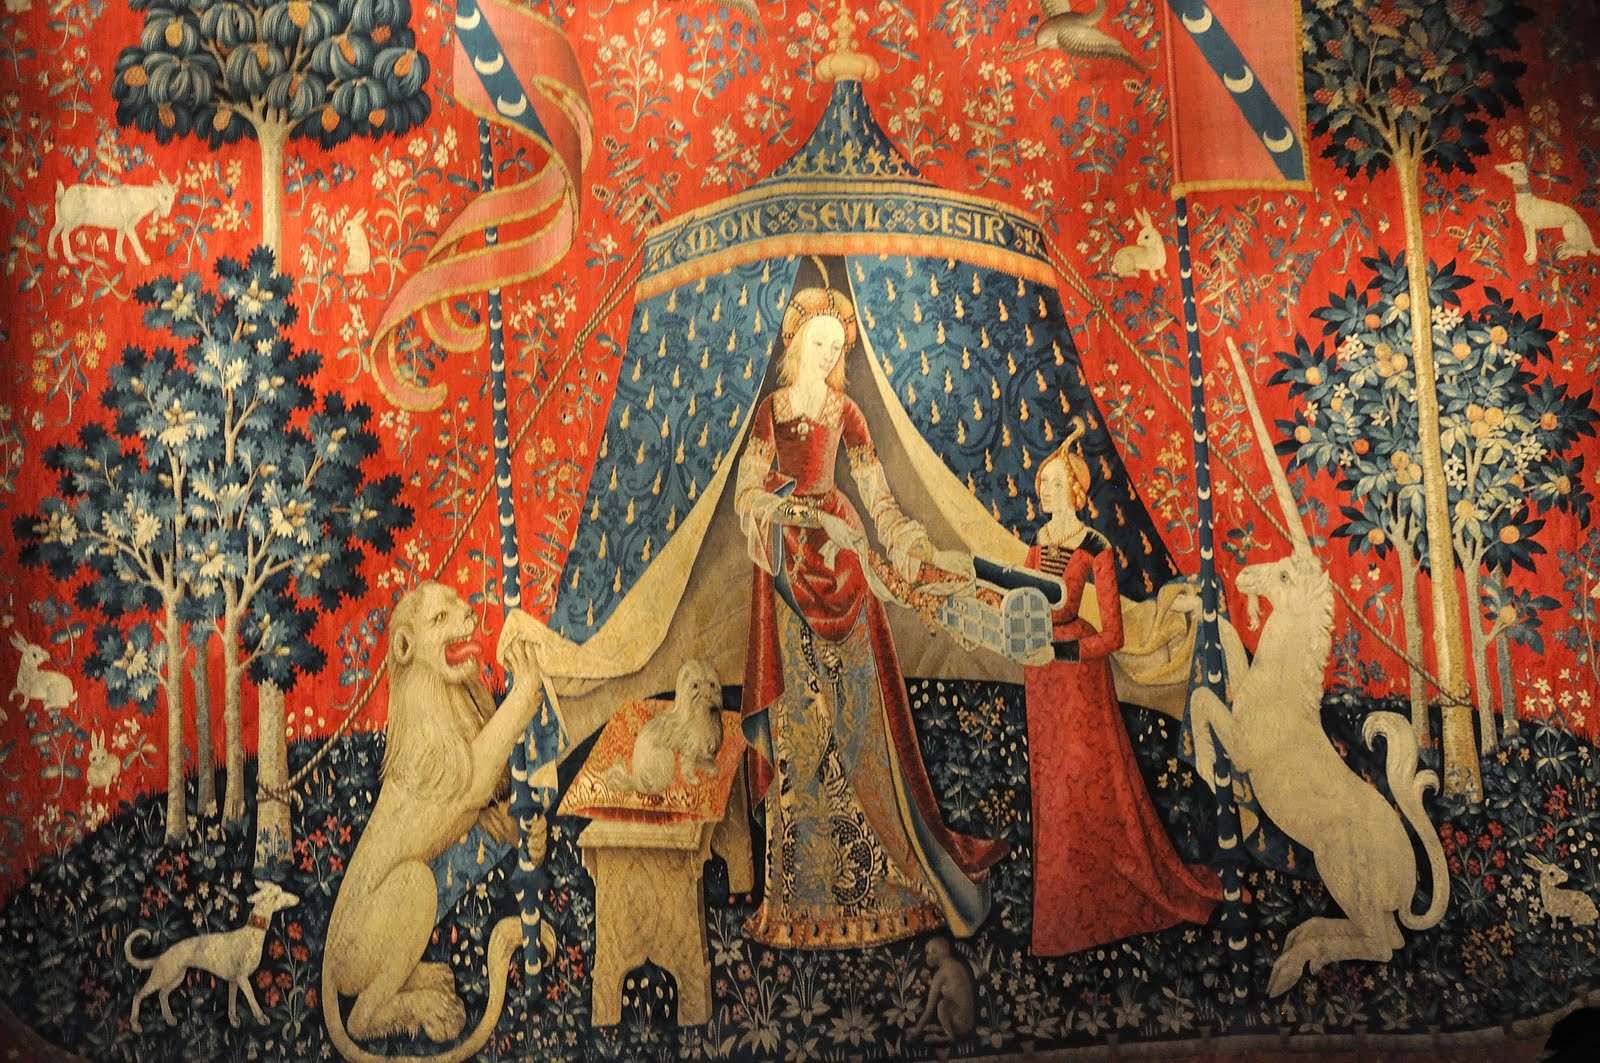 OBRA DE ARTE DA SEMANA: A magia da tapeçaria A dama e o unicórnio ...